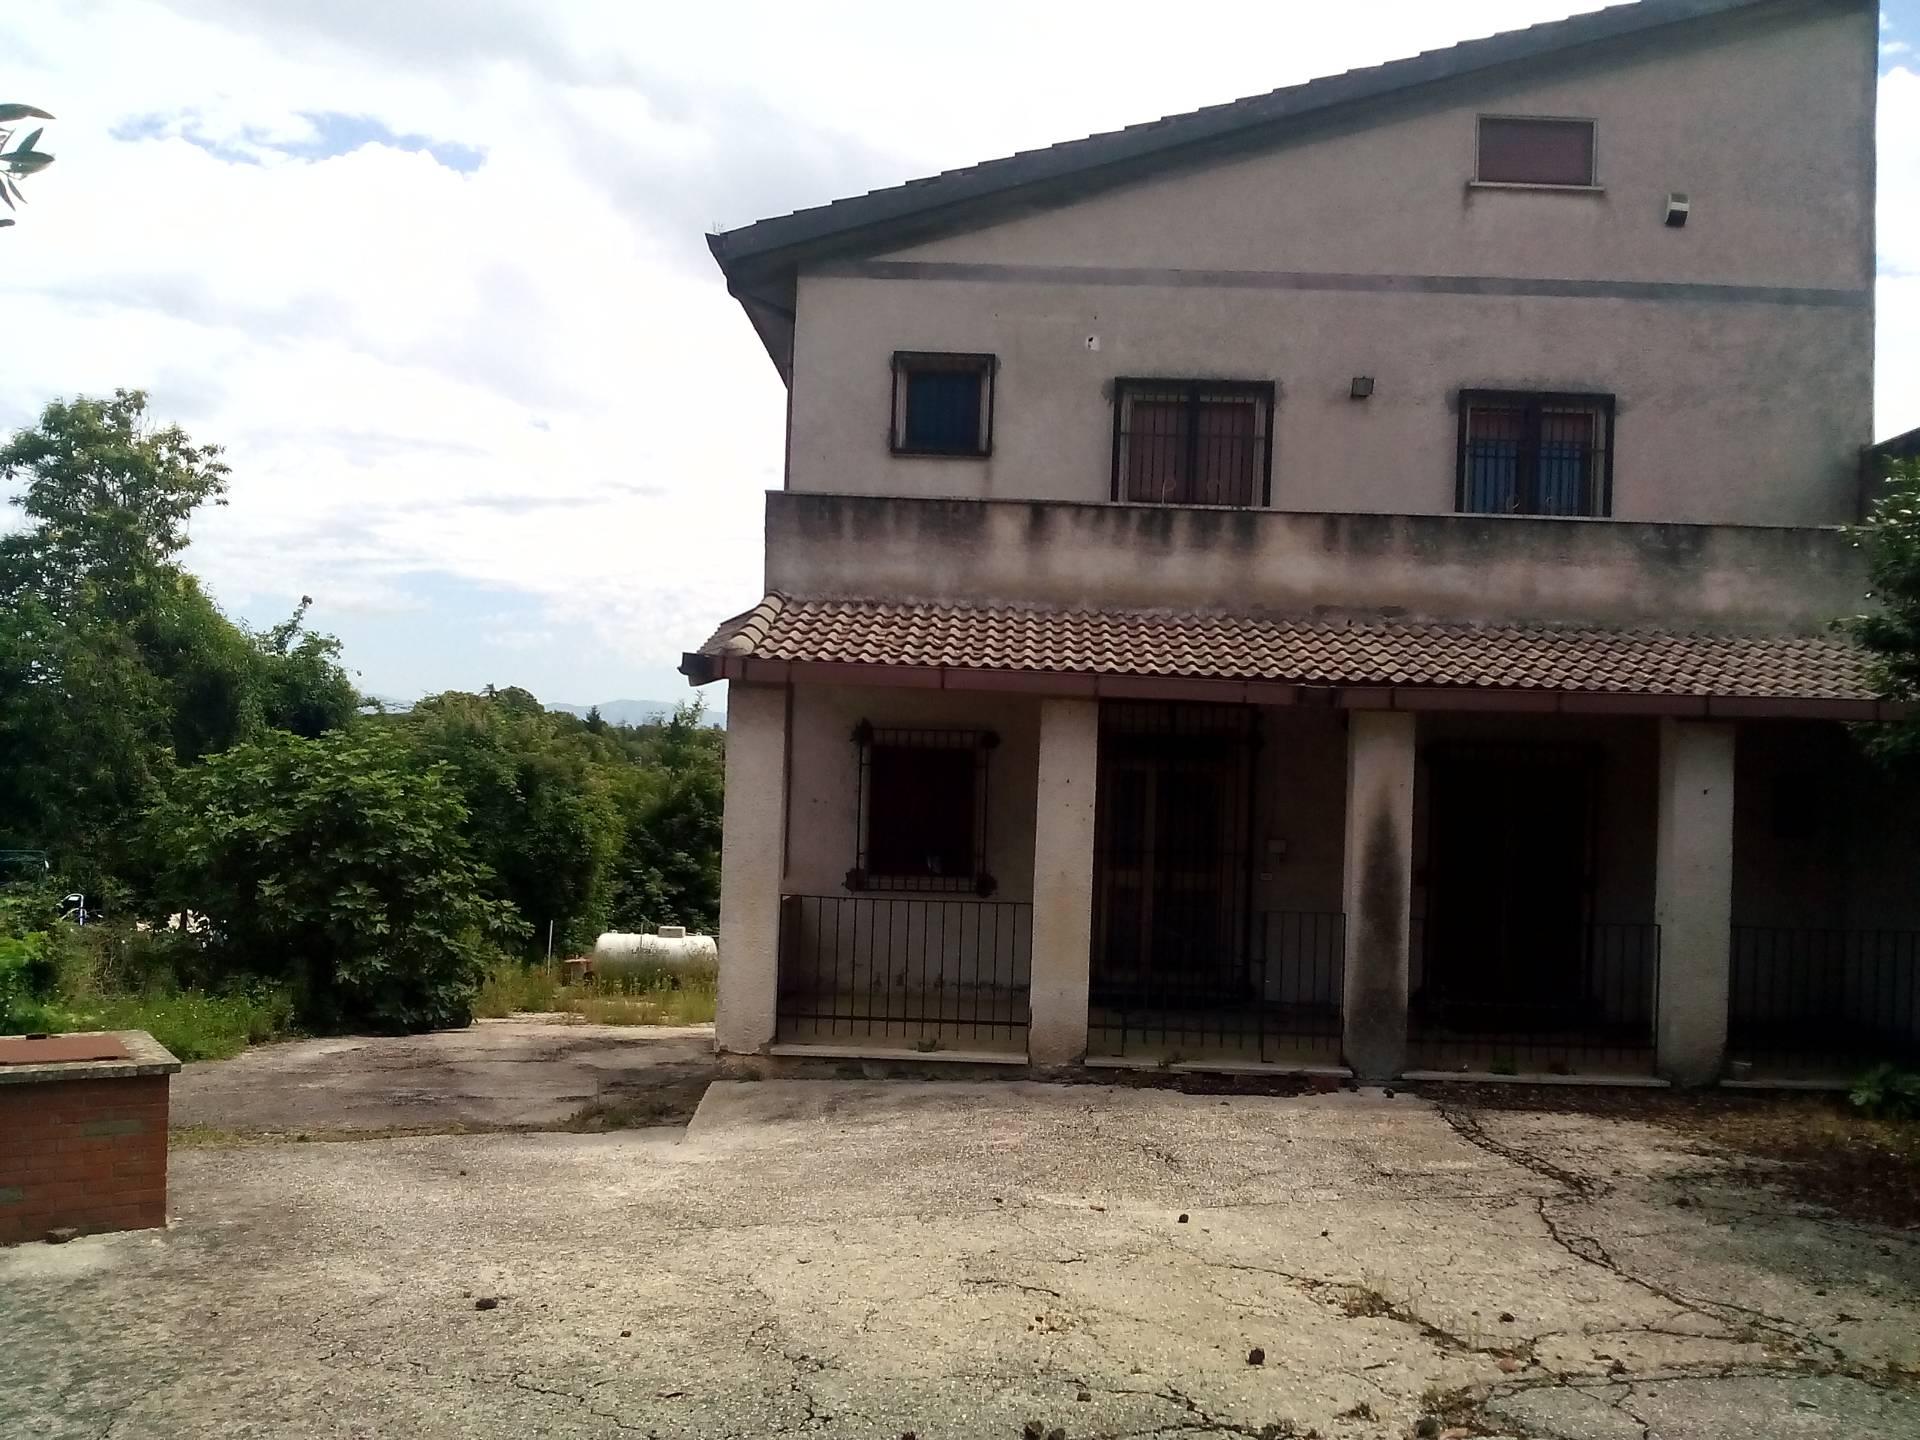 Soluzione Indipendente in vendita a Velletri, 5 locali, prezzo € 160.000 | Cambio Casa.it